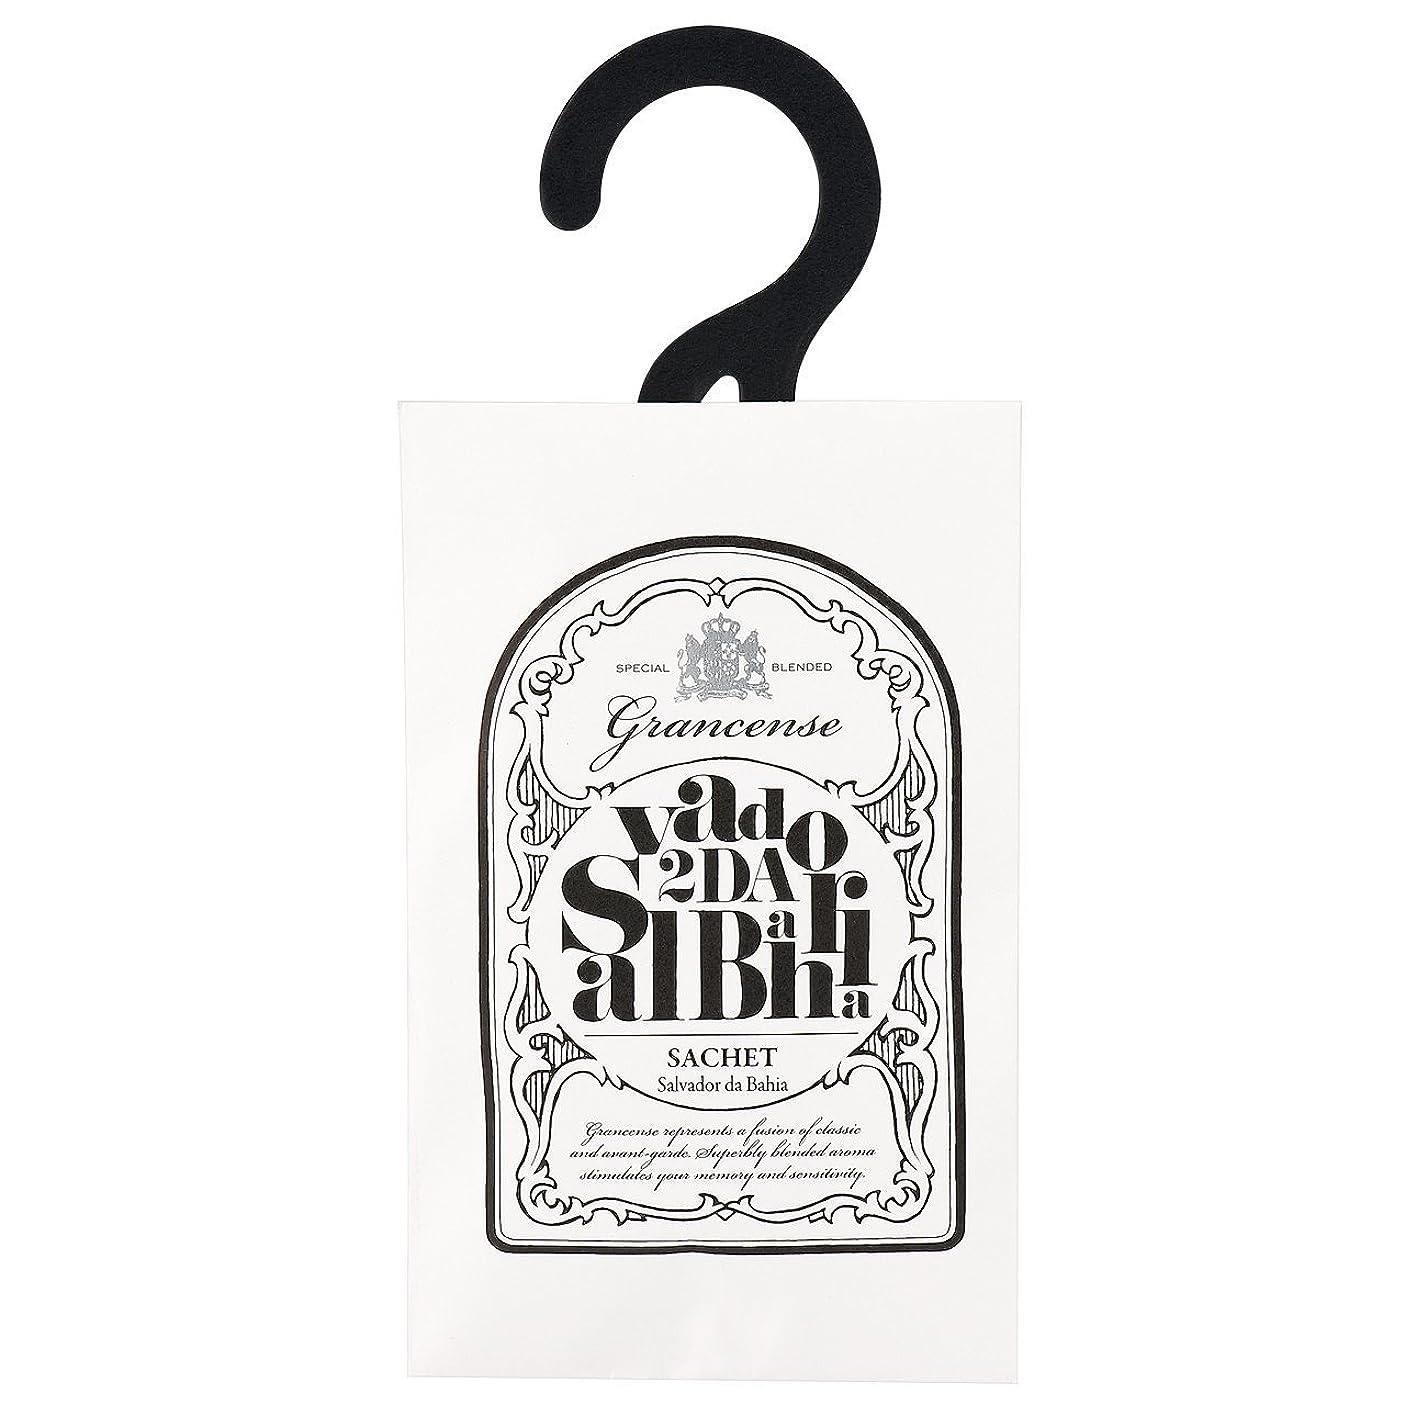 シャイニング適用済み死の顎グランセンス サシェ(約2~4週間) サルバドール 12g(芳香剤 香り袋 アロマサシェ ライムとミントの爽やかさにバニラの甘さを感じる南国のような香り)